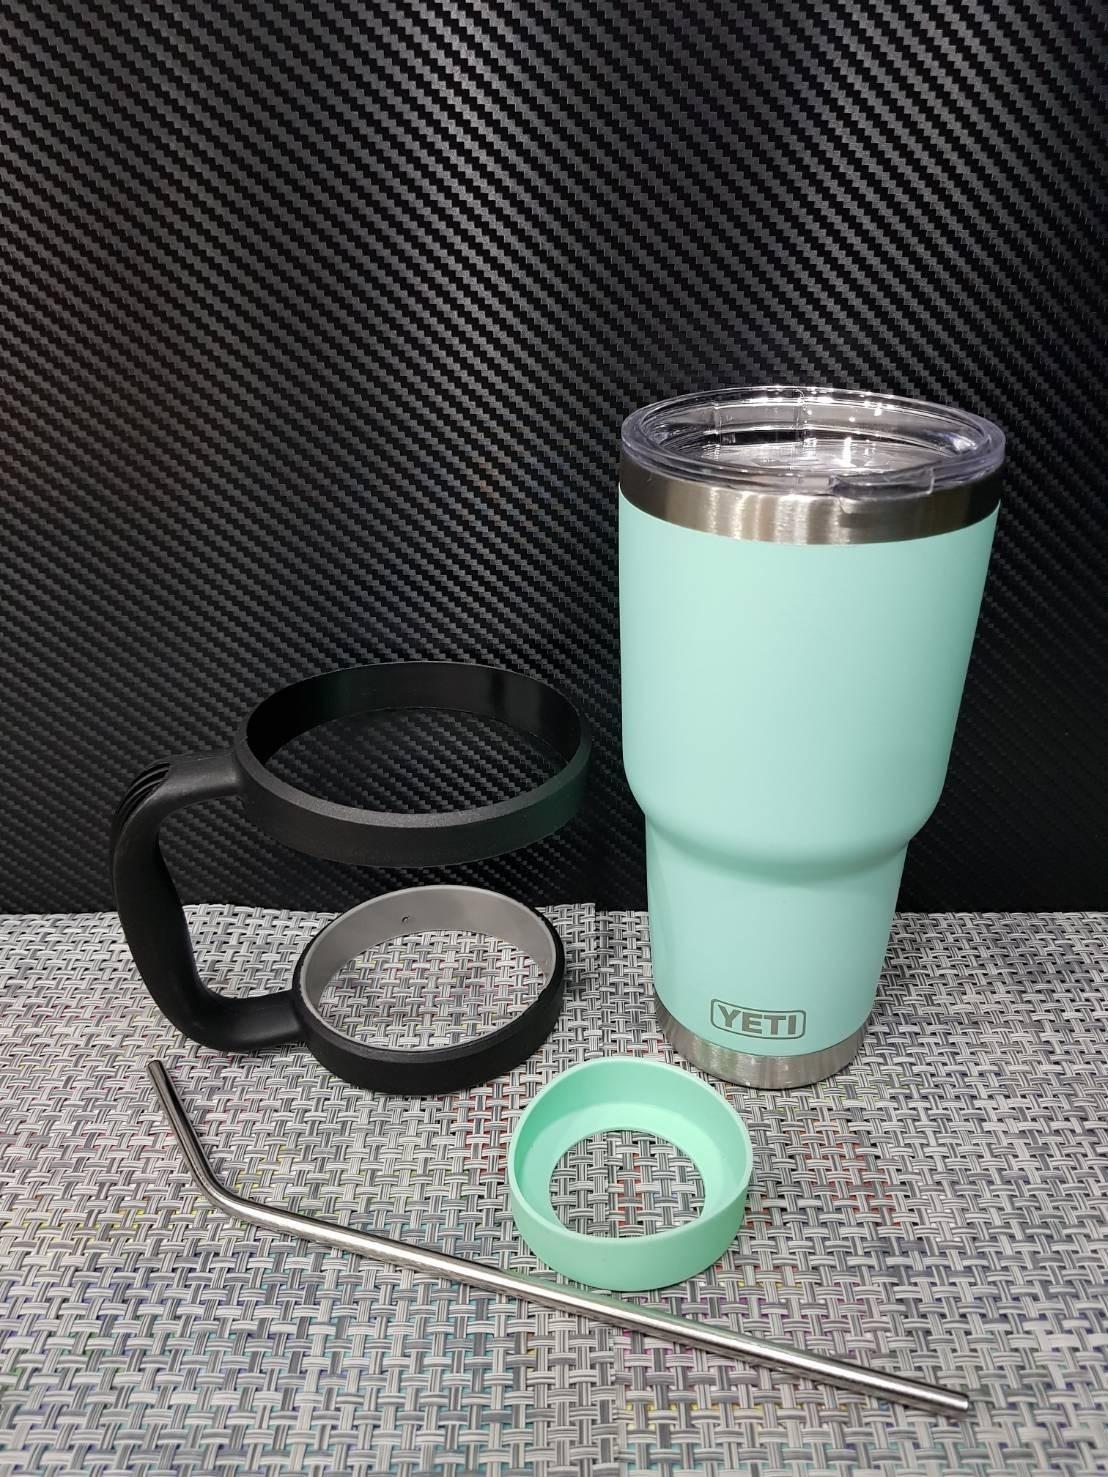 ชุดแก้วเยติ 30 ออนซ์ สี เขียวมิ้นท์ด้าน